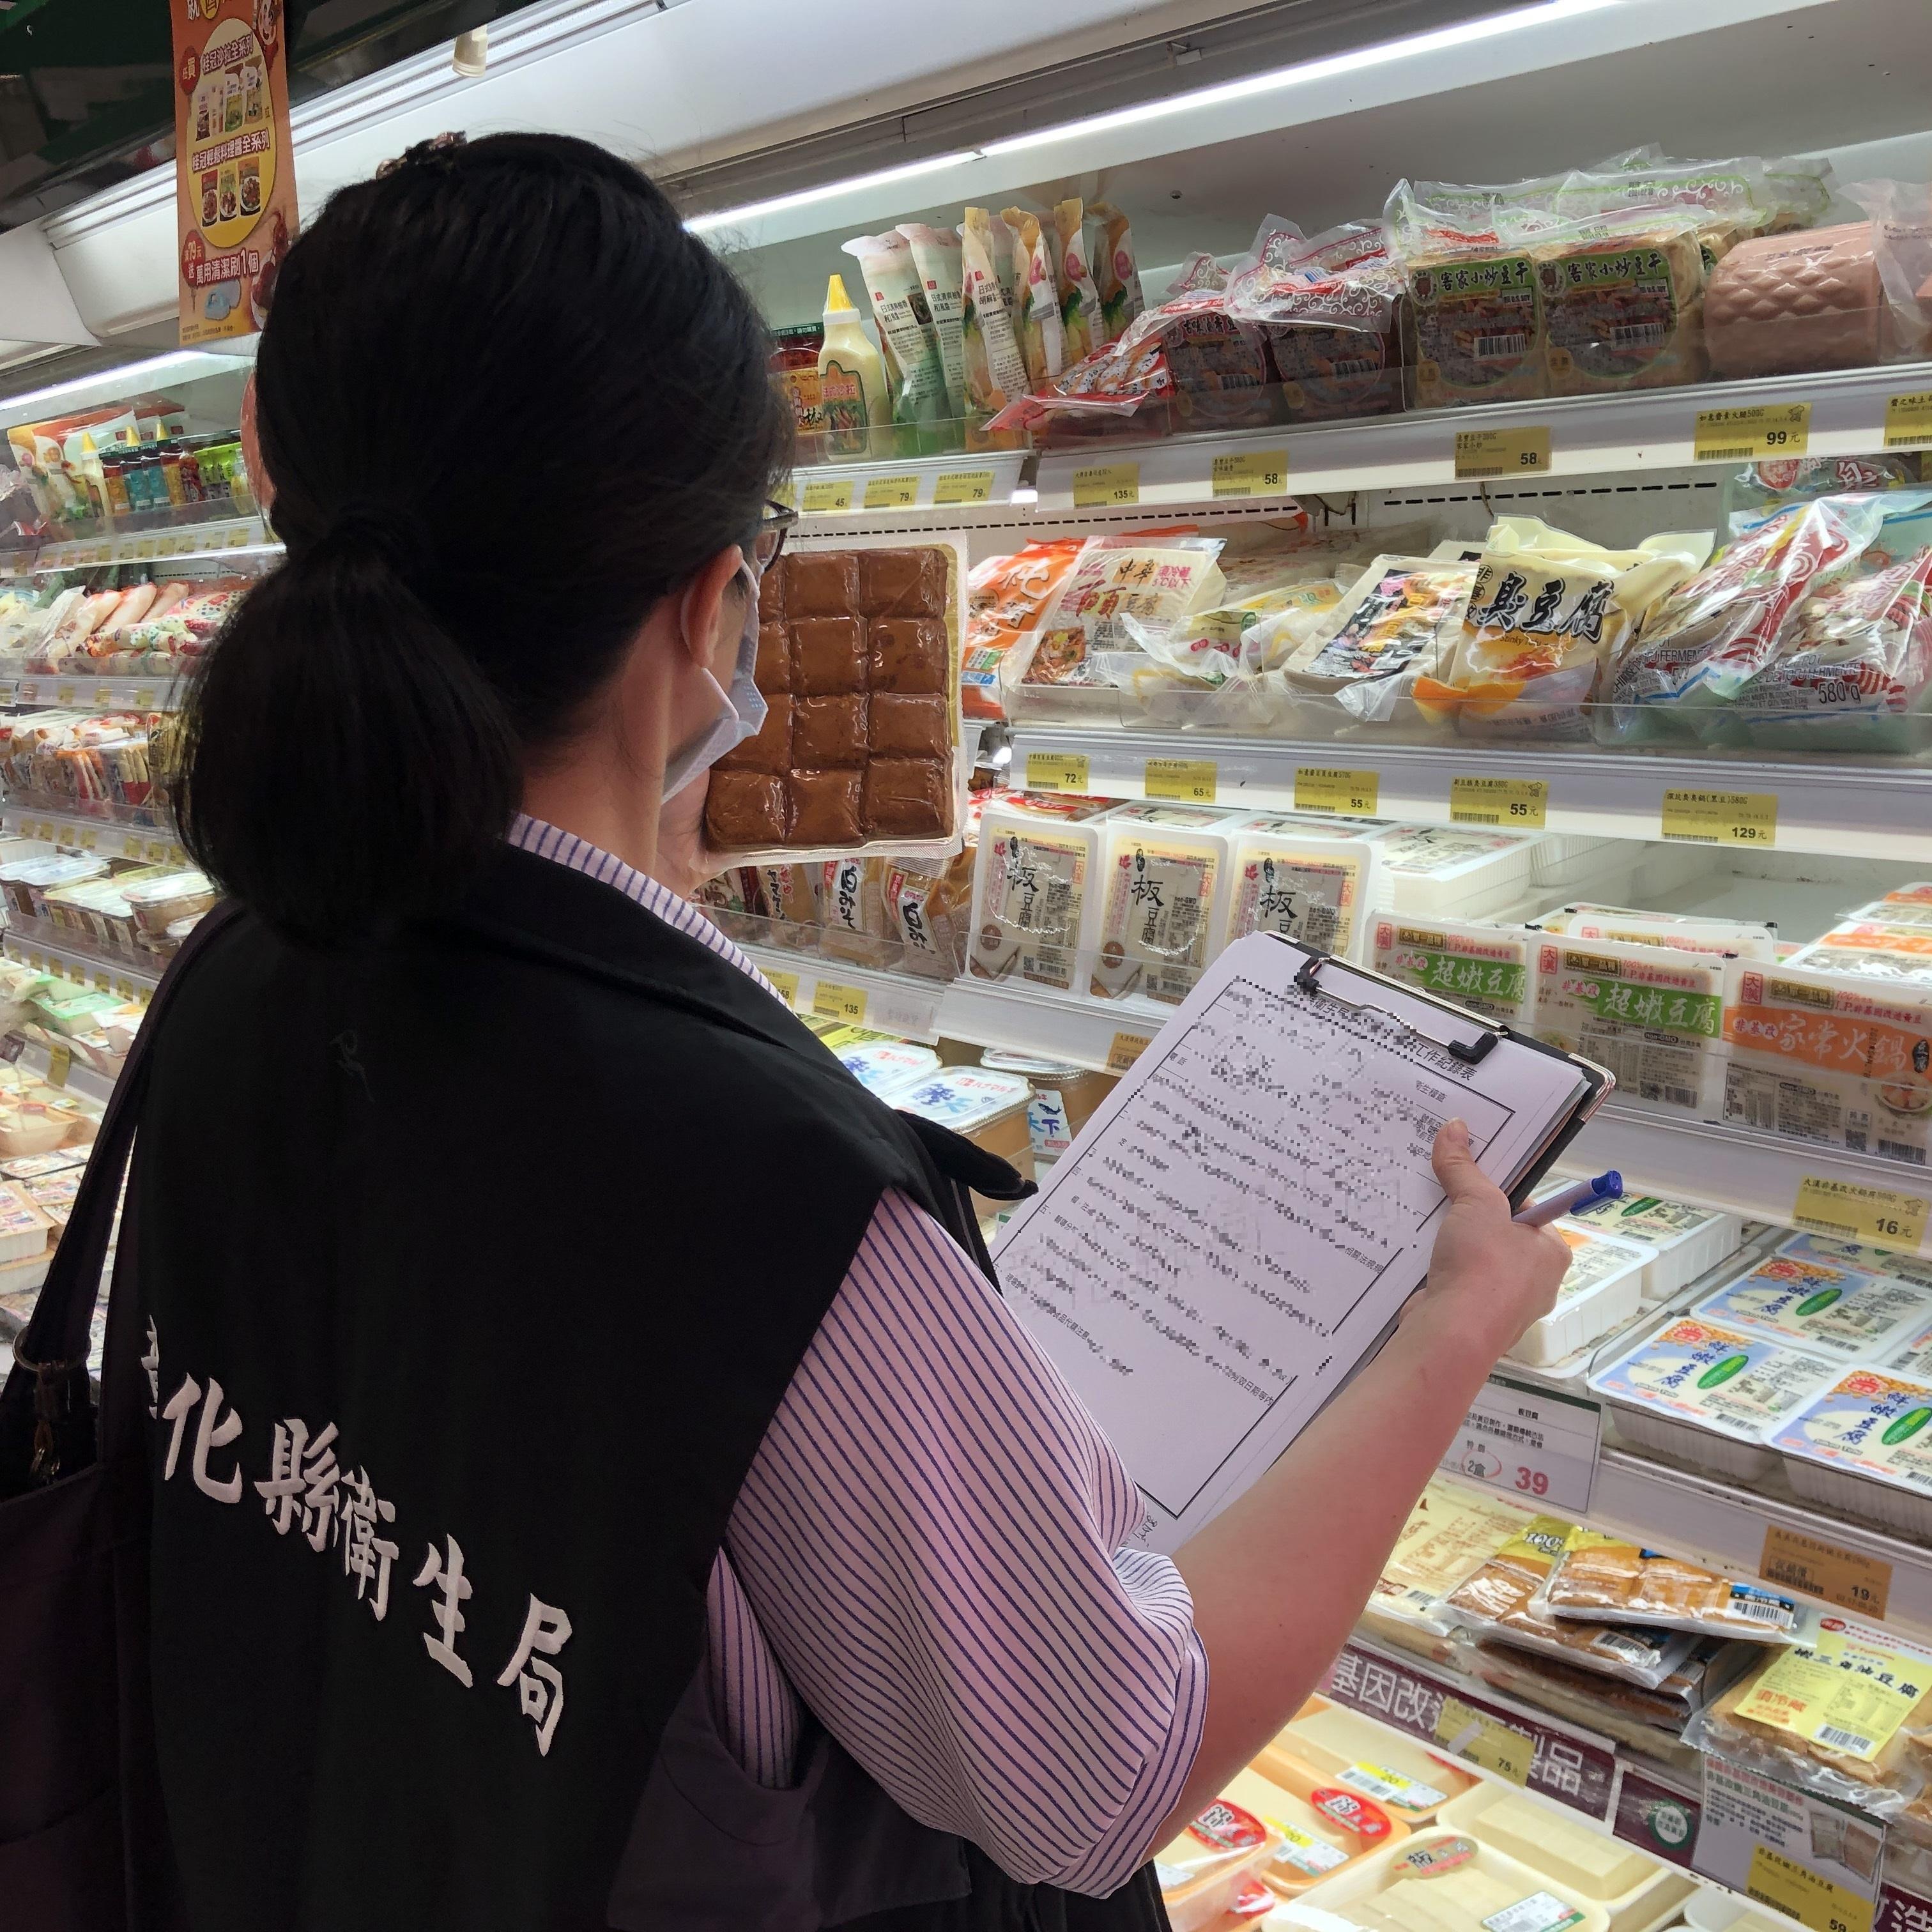 彰化縣衛生局公布清明節食品抽驗結果